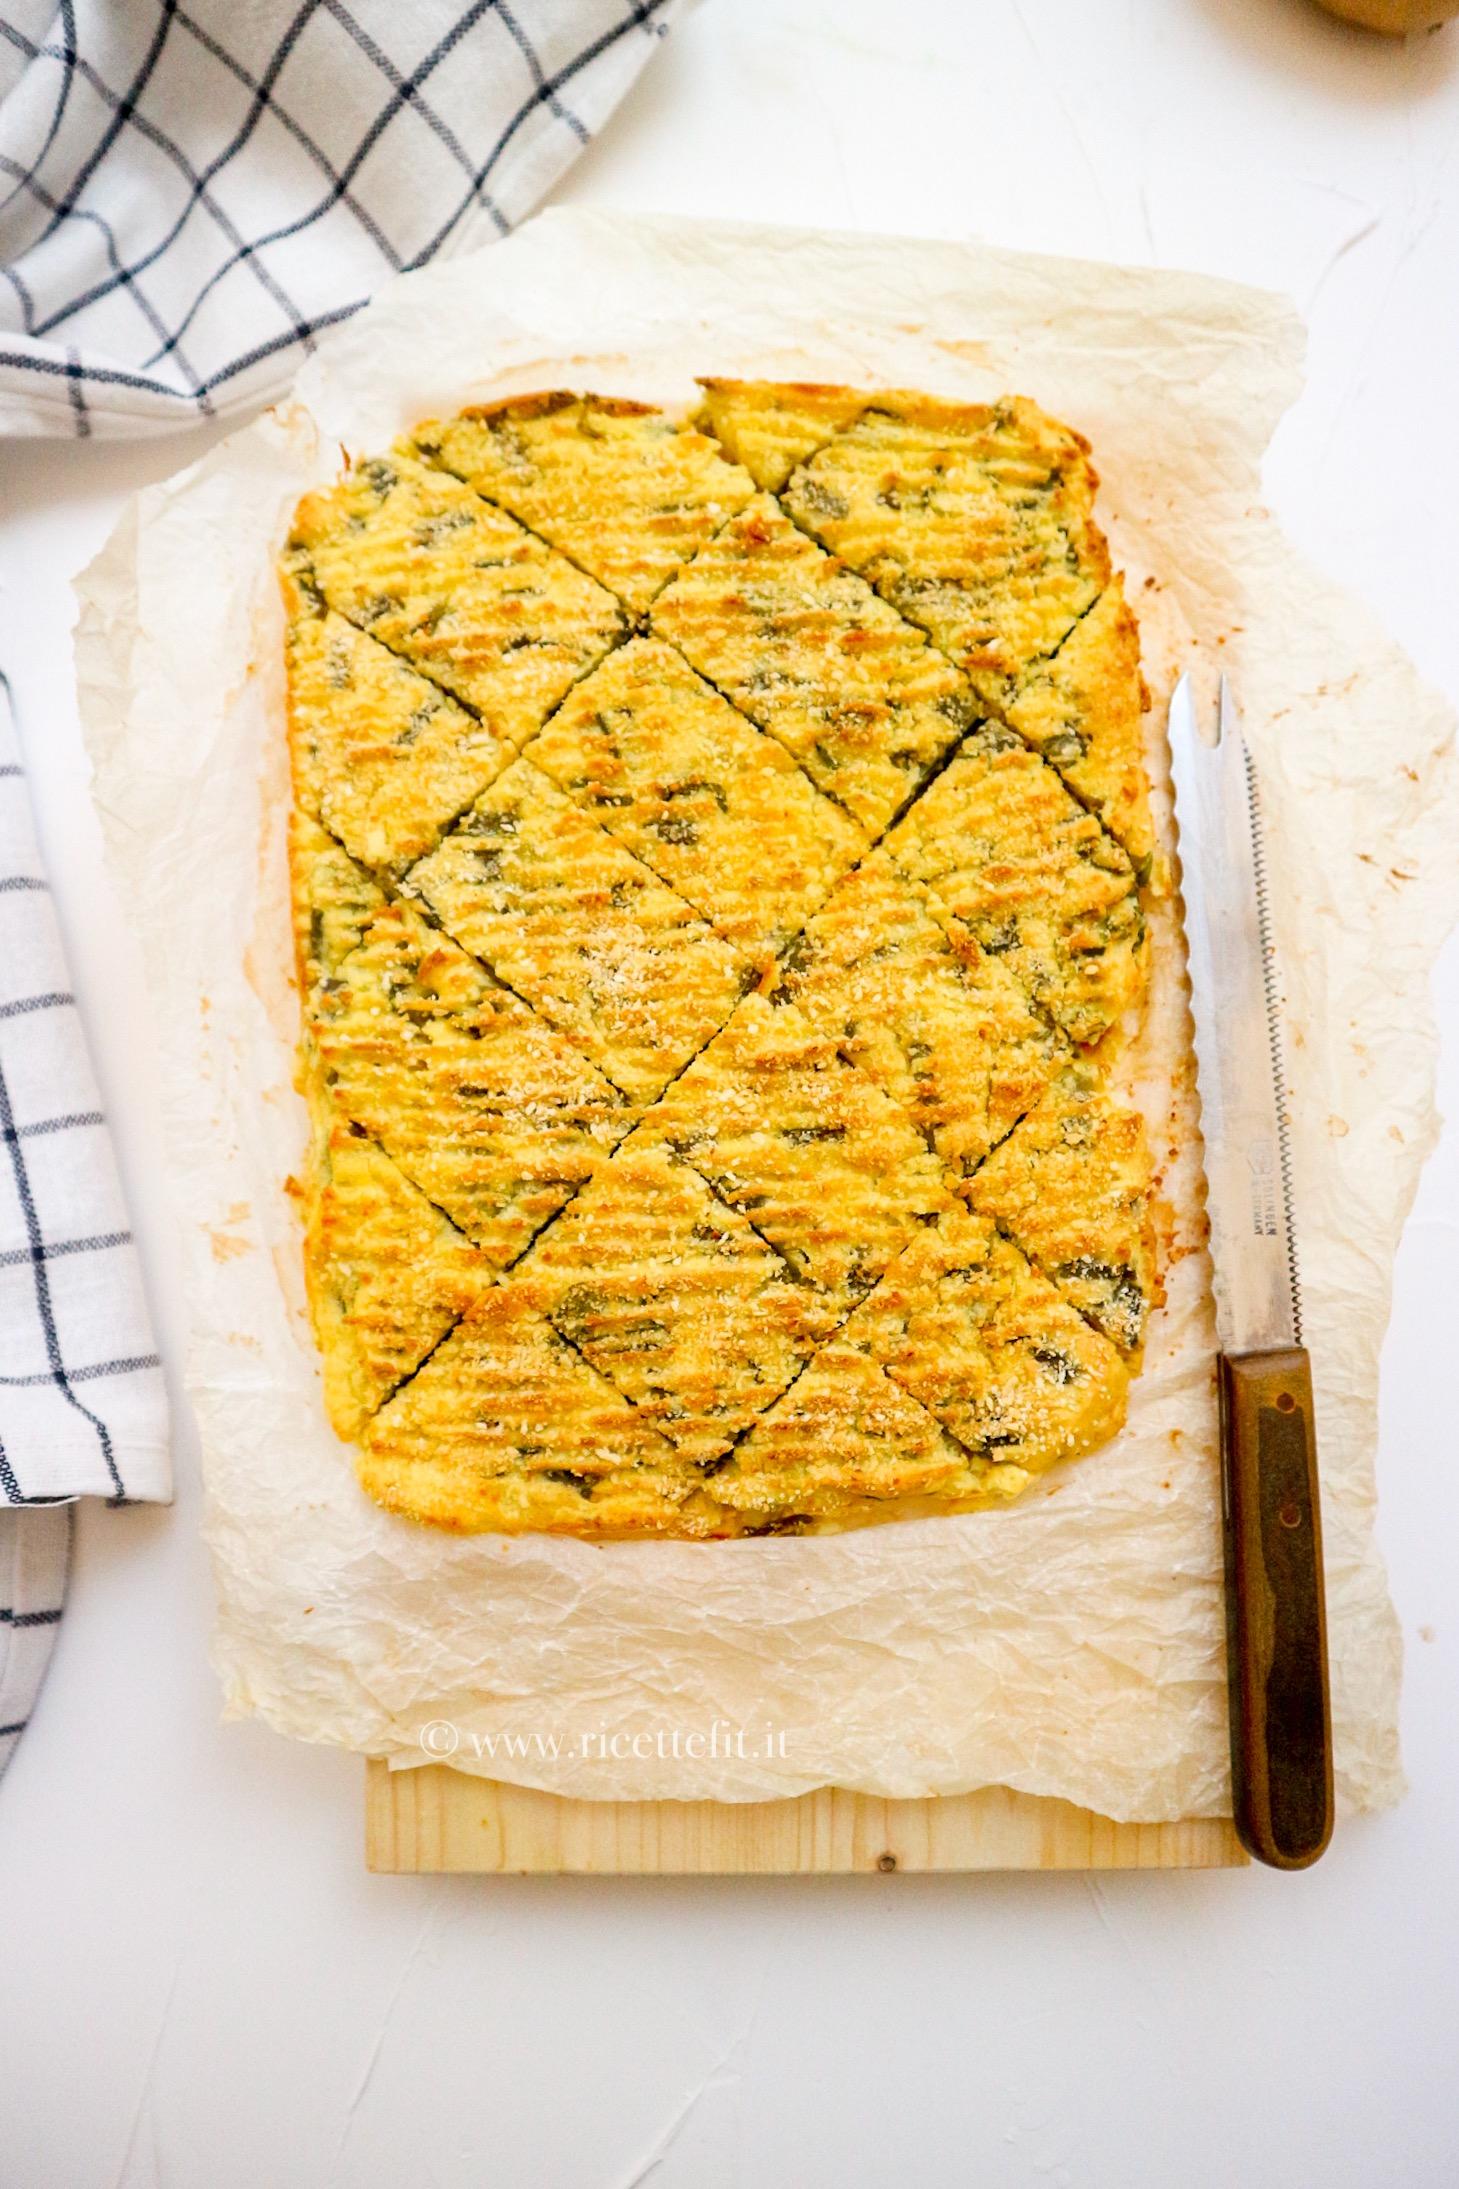 Polpettone patate e fagiolini ligure light senza lattosio facile e veloce di LA VIE EST FIT